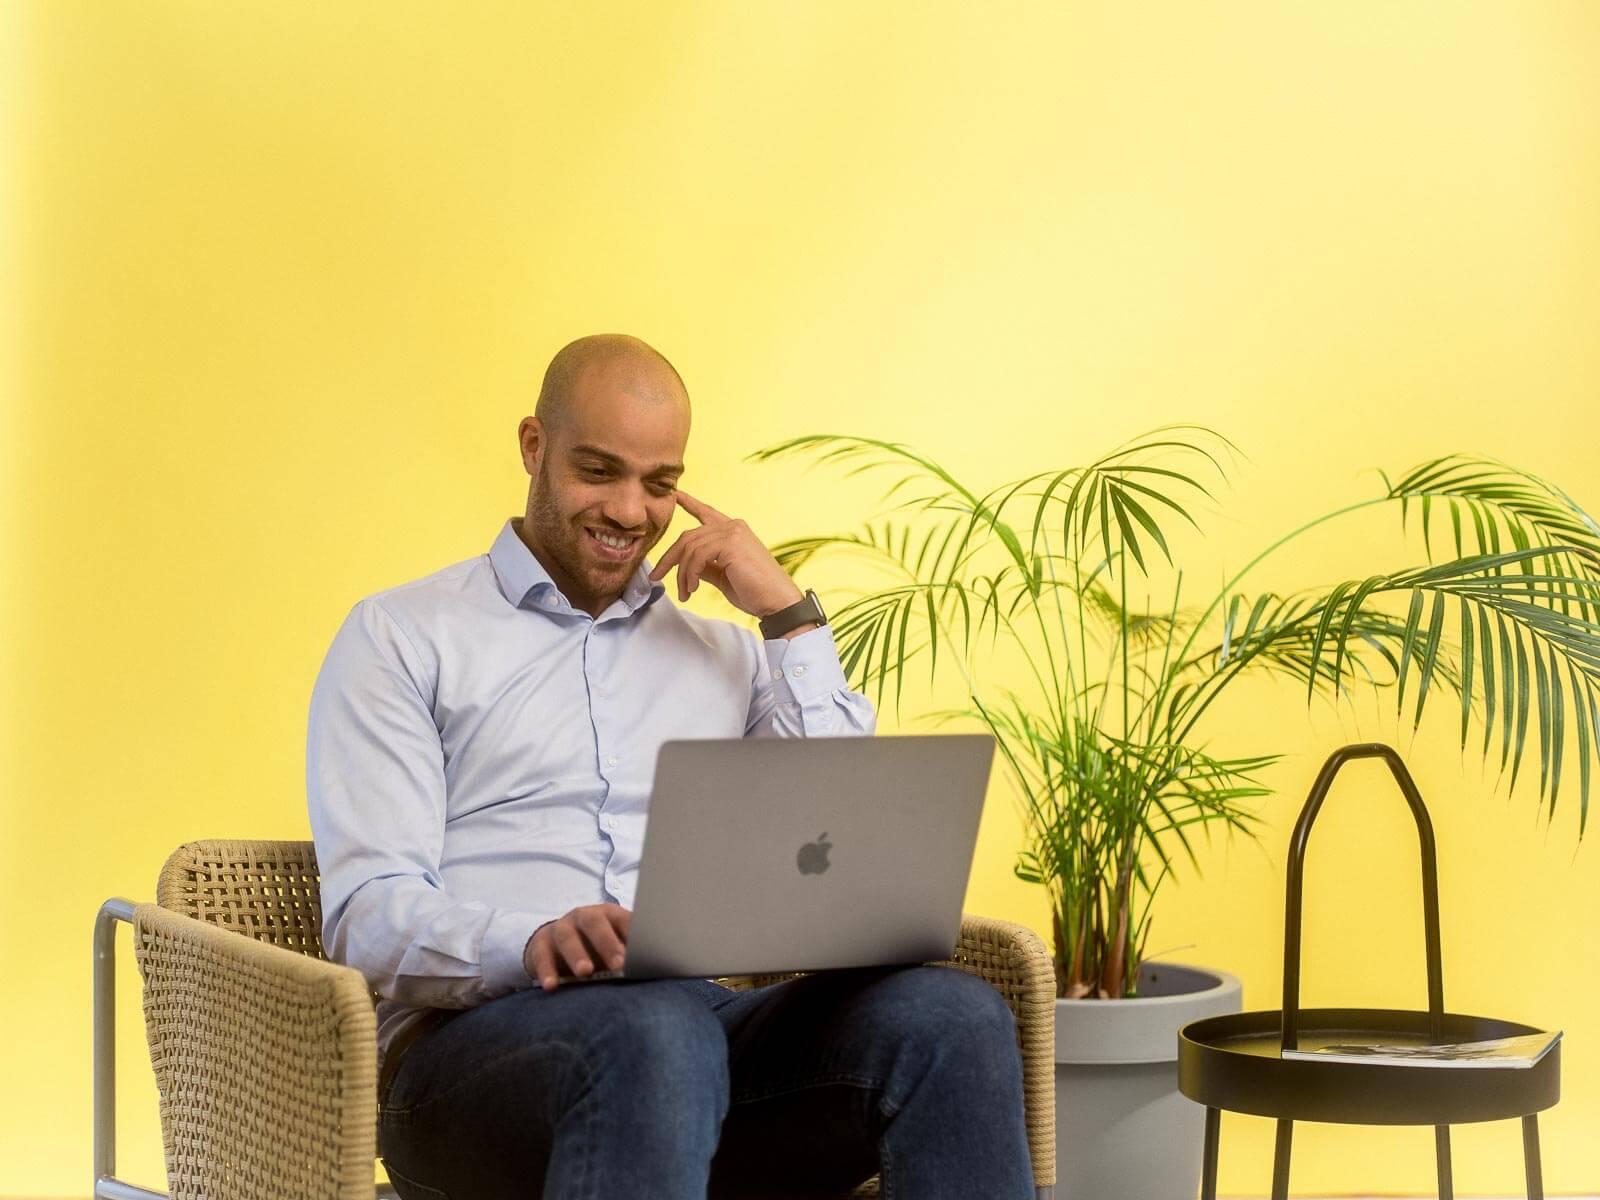 Mann bruker Microsoft 365 på laptopen sin